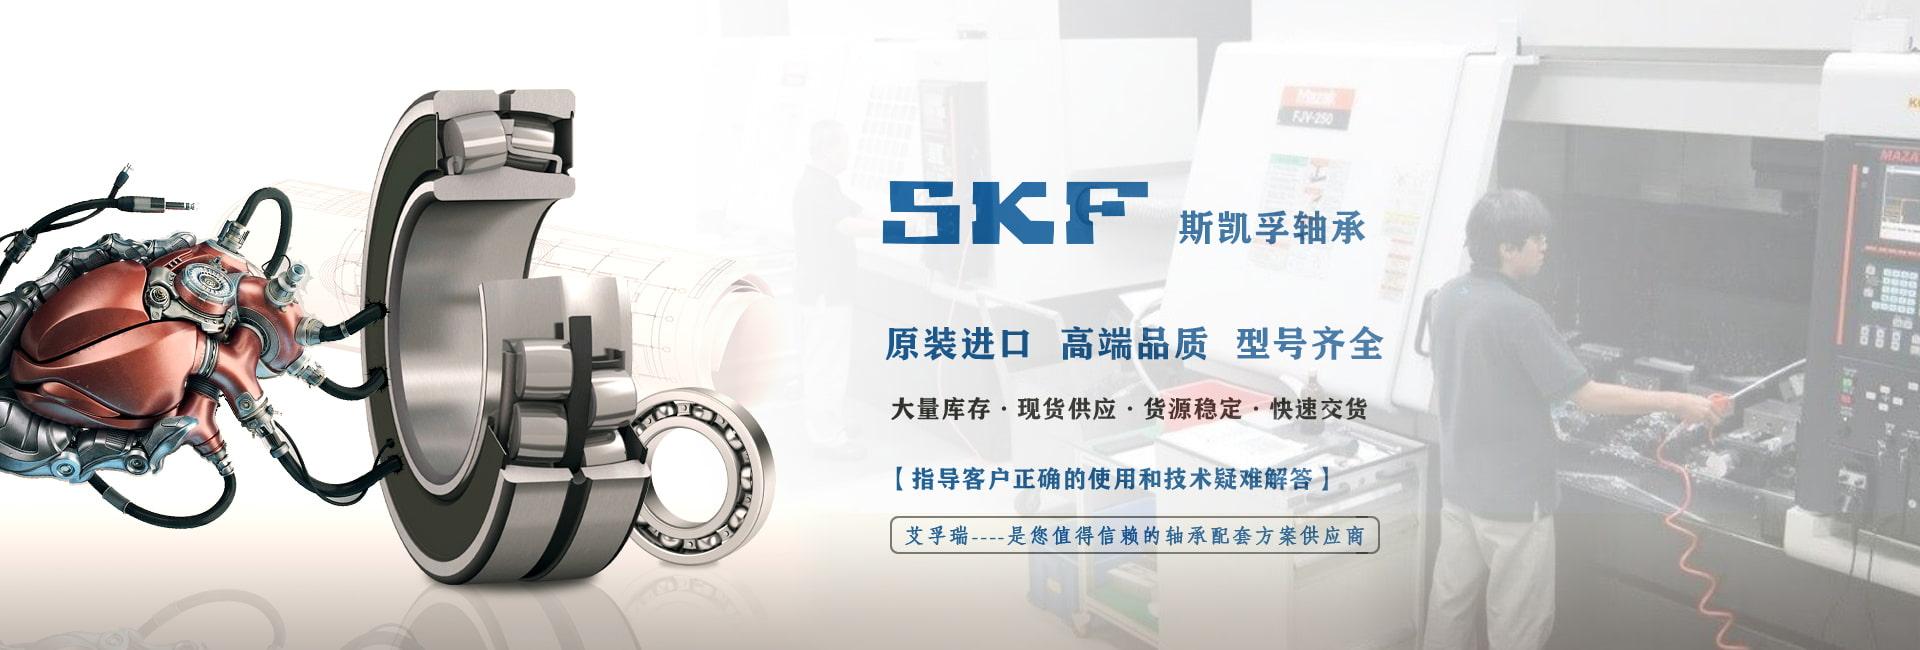 成都SKF轴承